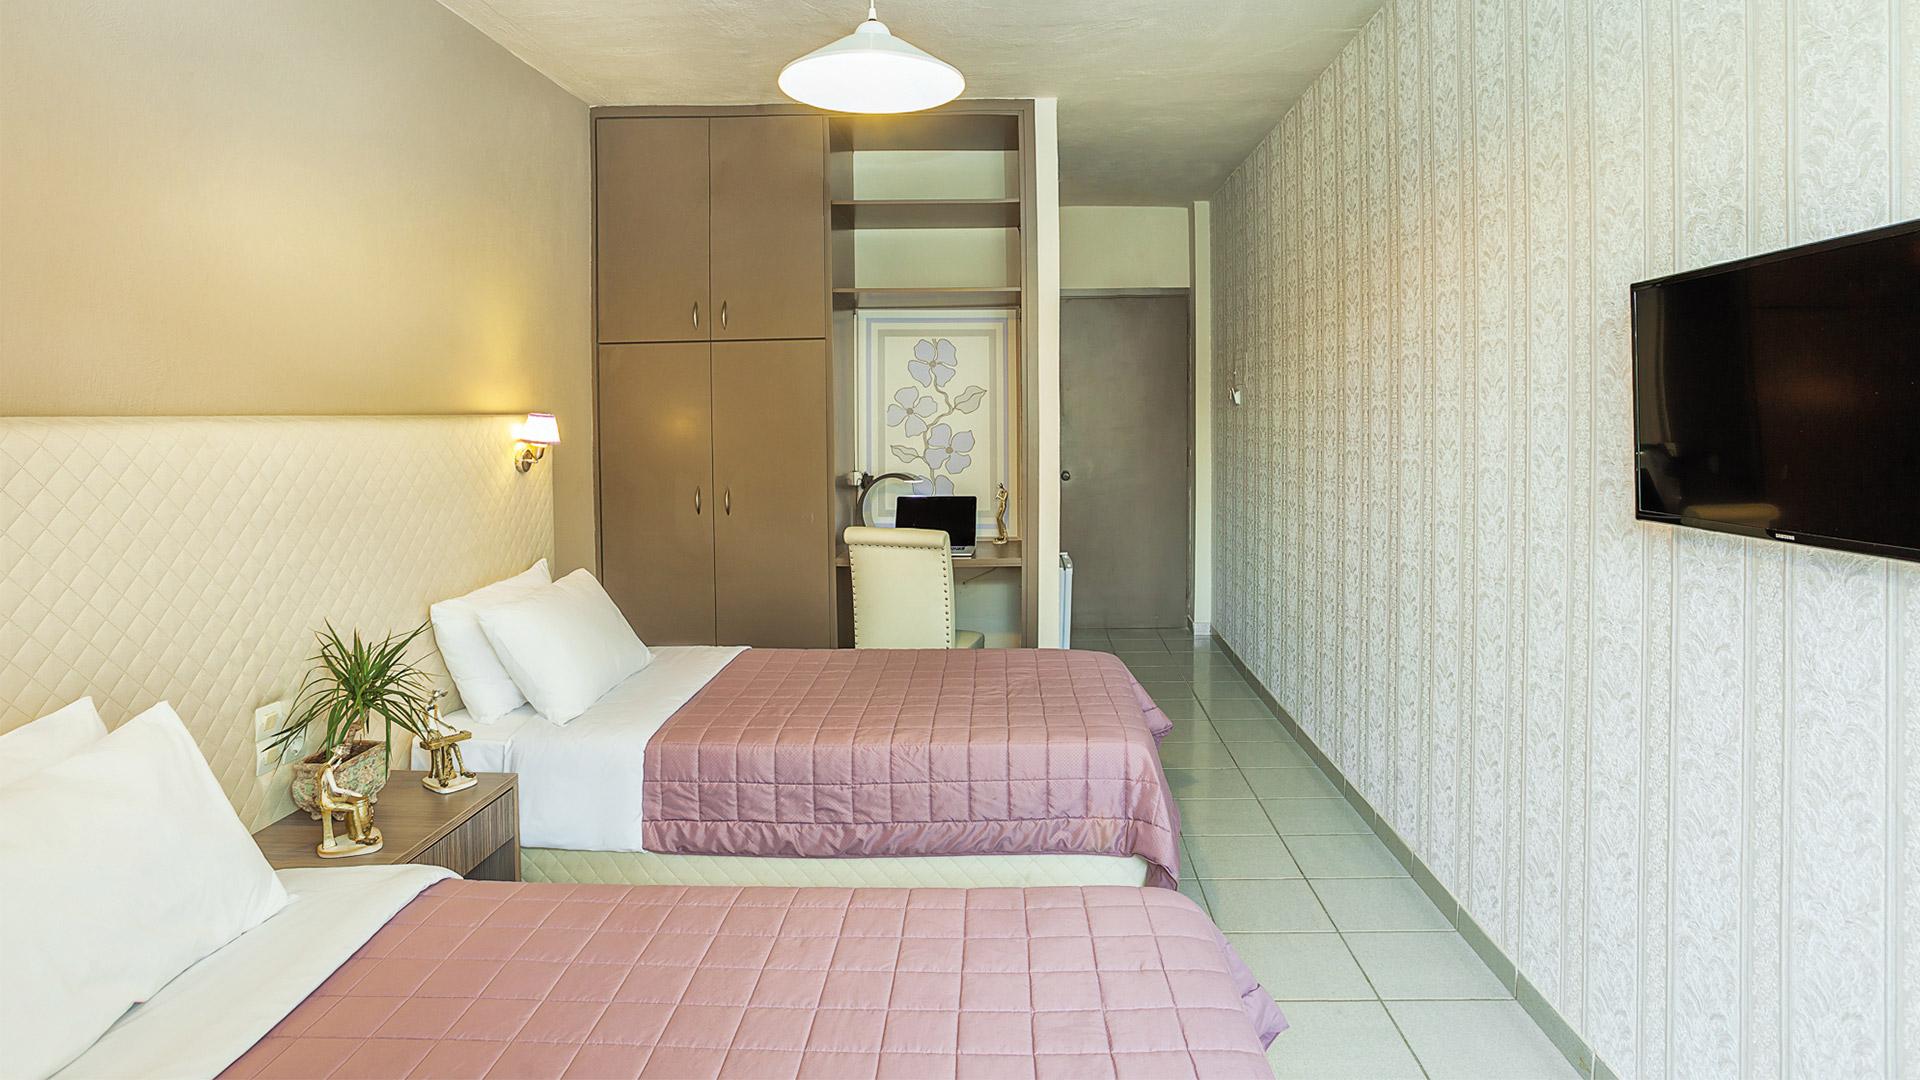 Δίκλινο - 2 μονά κρεβάτια με θέα θάλασσα πισίνα κήπο